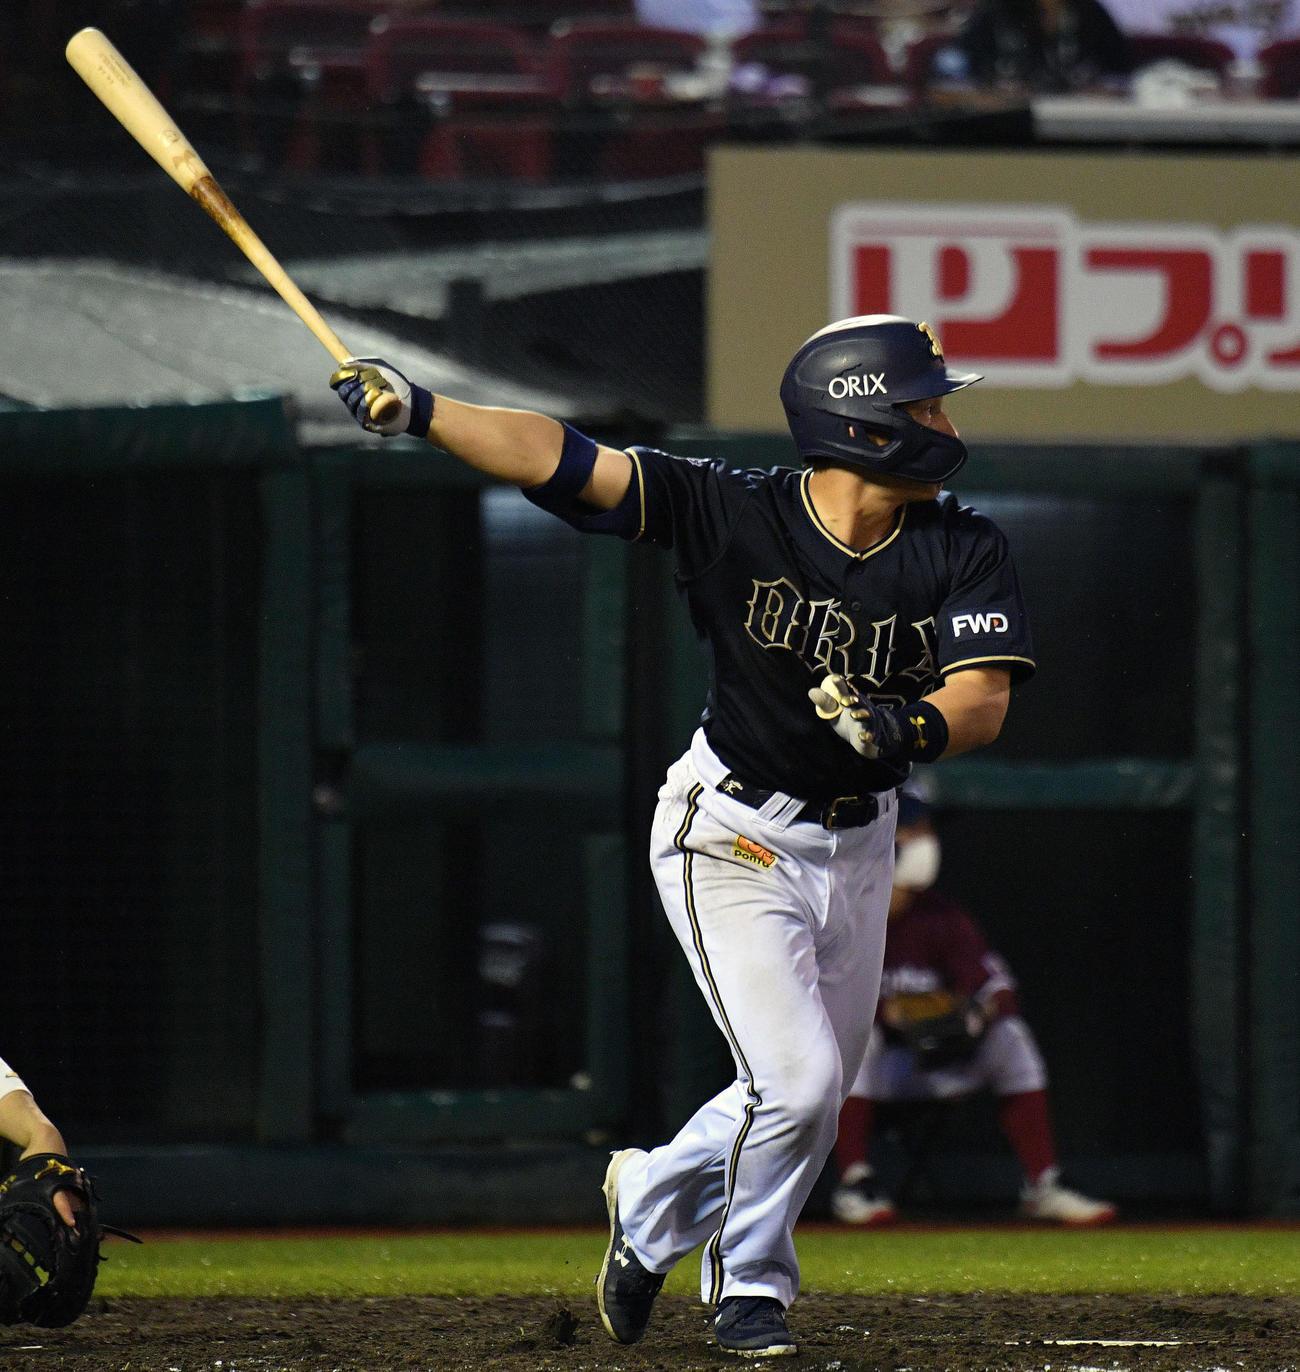 楽天対オリックス 5回表オリックス2死、吉田正は左越えソロ本塁打を放つ(撮影・滝沢徹郎)